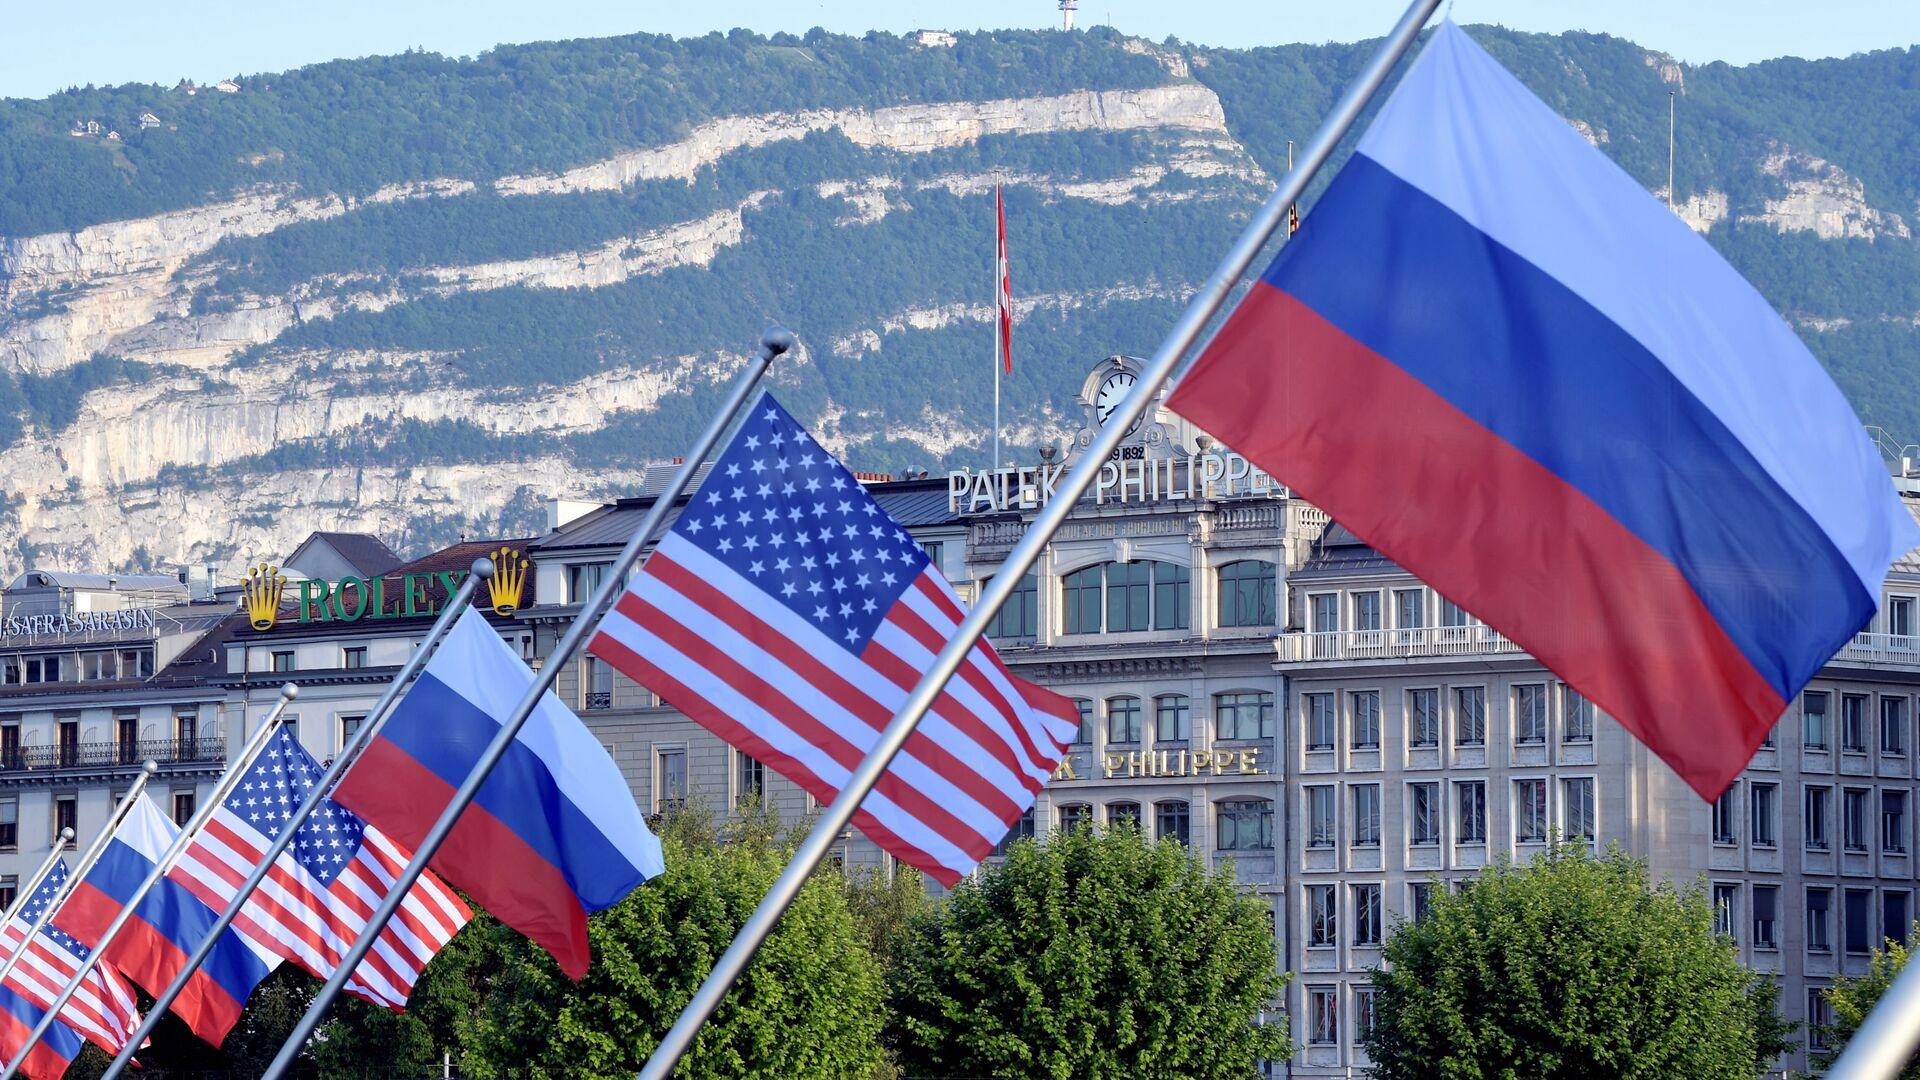 ABD ve Rusya bayraklarıyla süslenmiş Mont-Blanc köprüsü - İsviçre'nin Cenevre kenti - Sputnik Türkiye, 1920, 01.08.2021